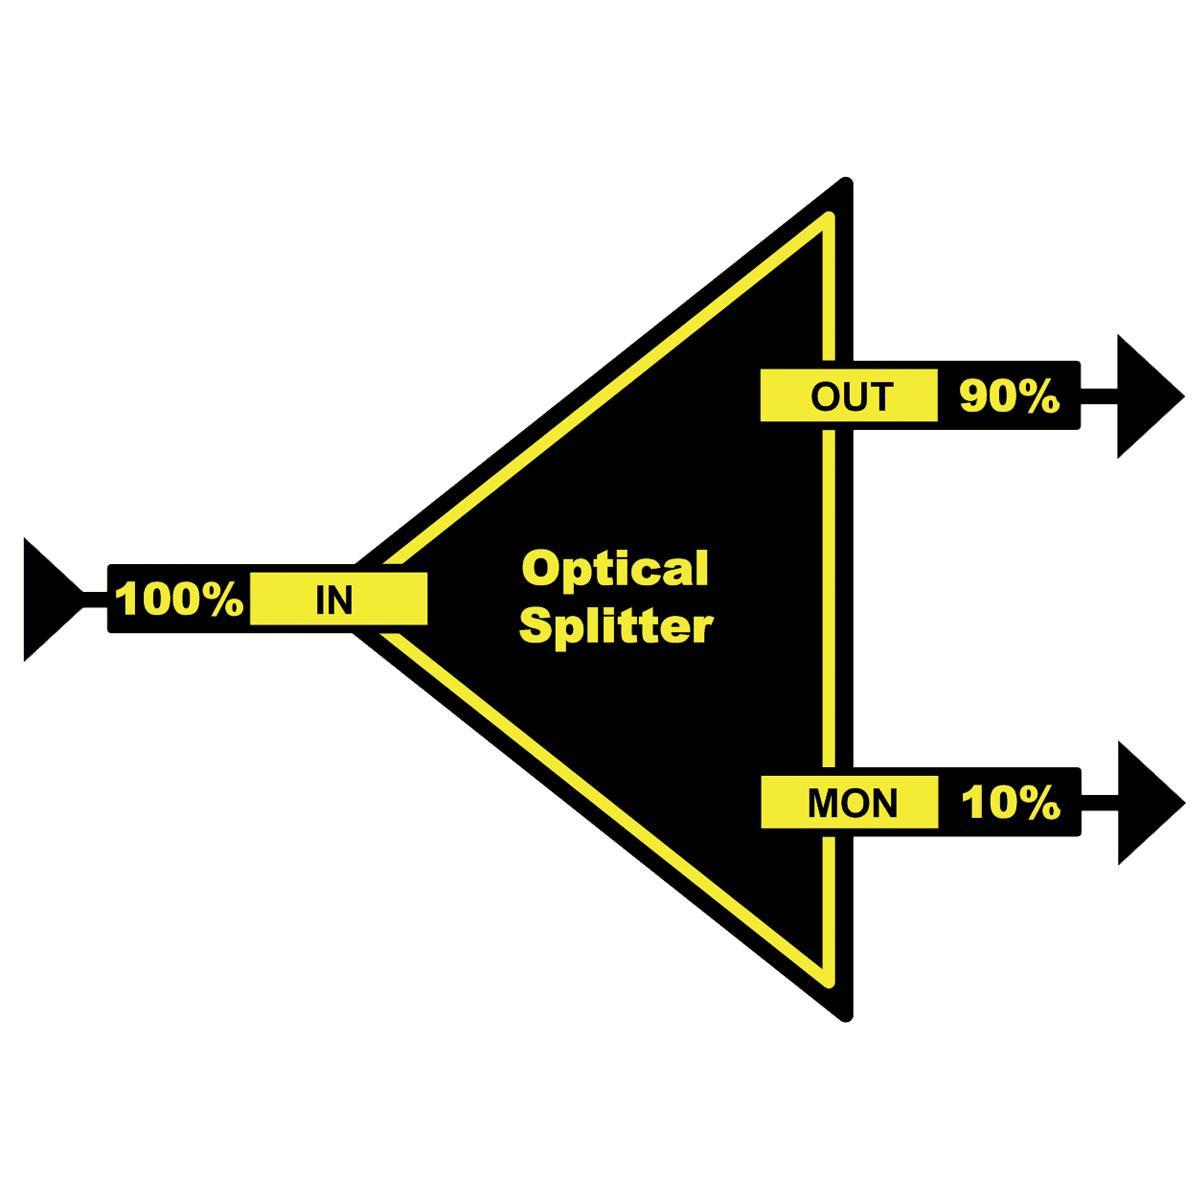 OSP 1812M yellobrik Optical Splitter